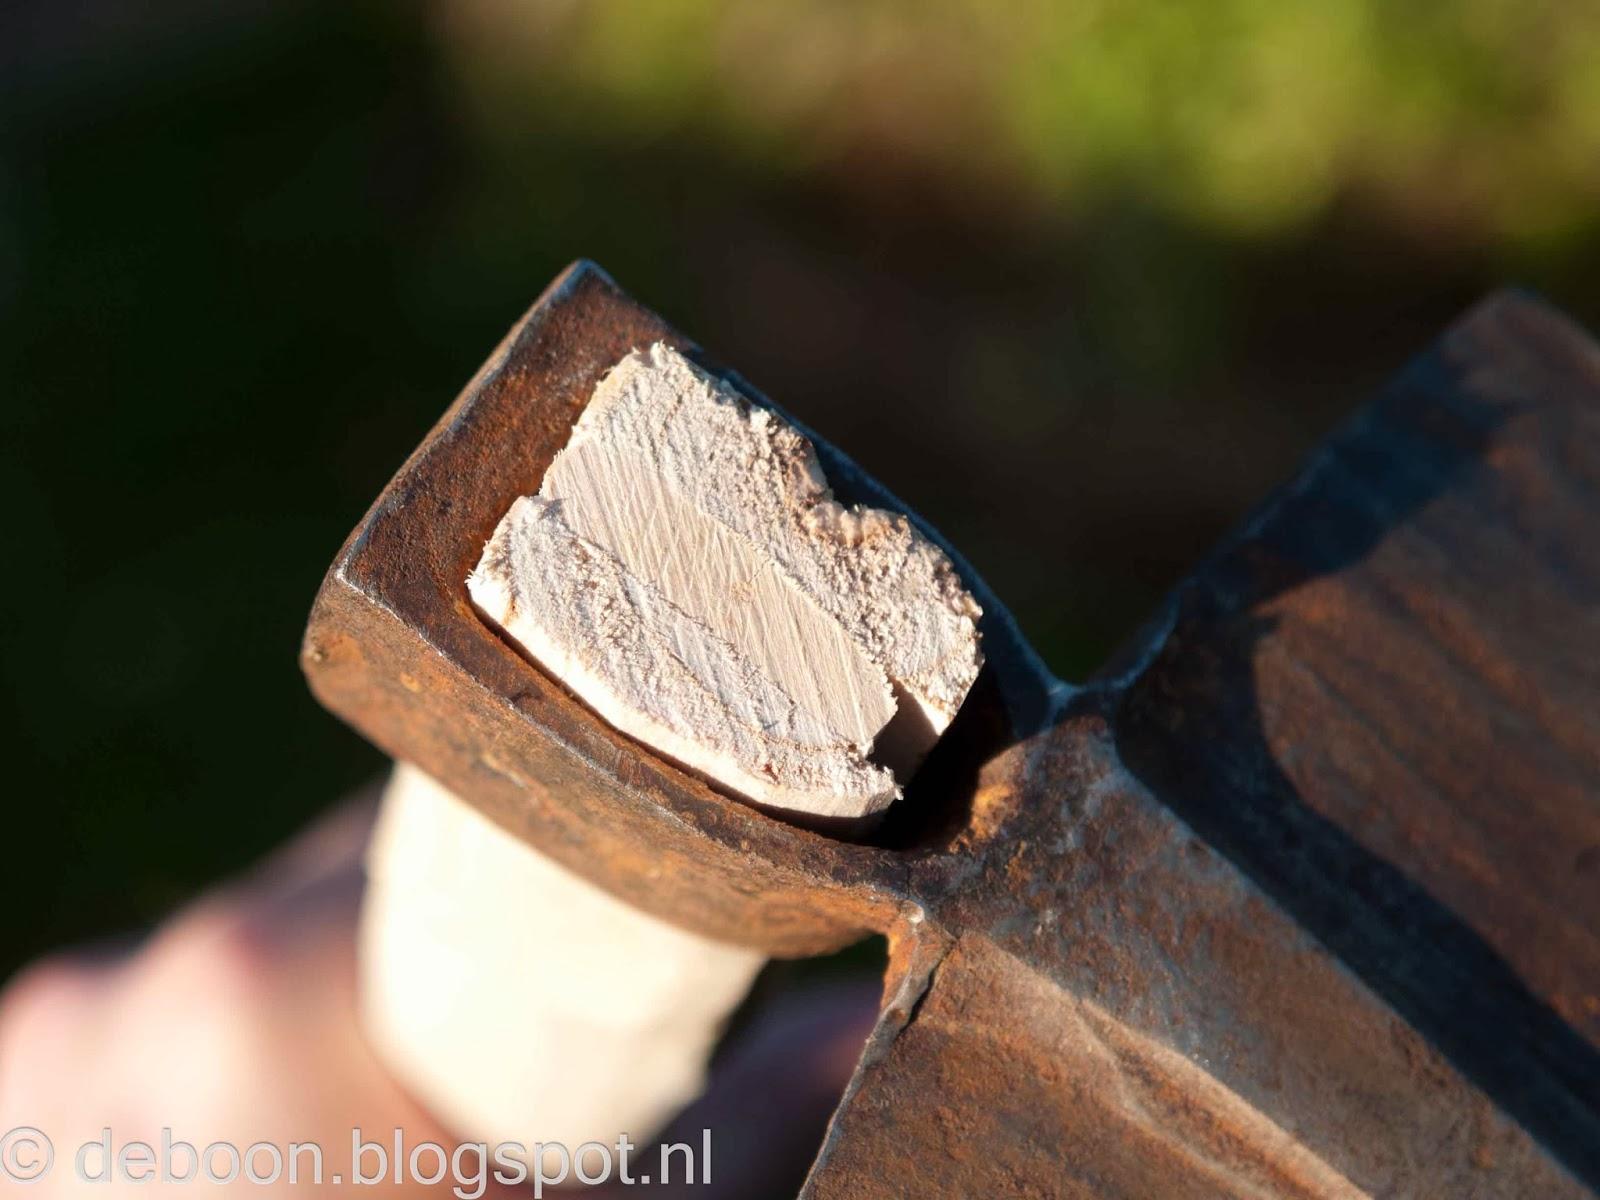 waarmee repareren ik gaten in hout